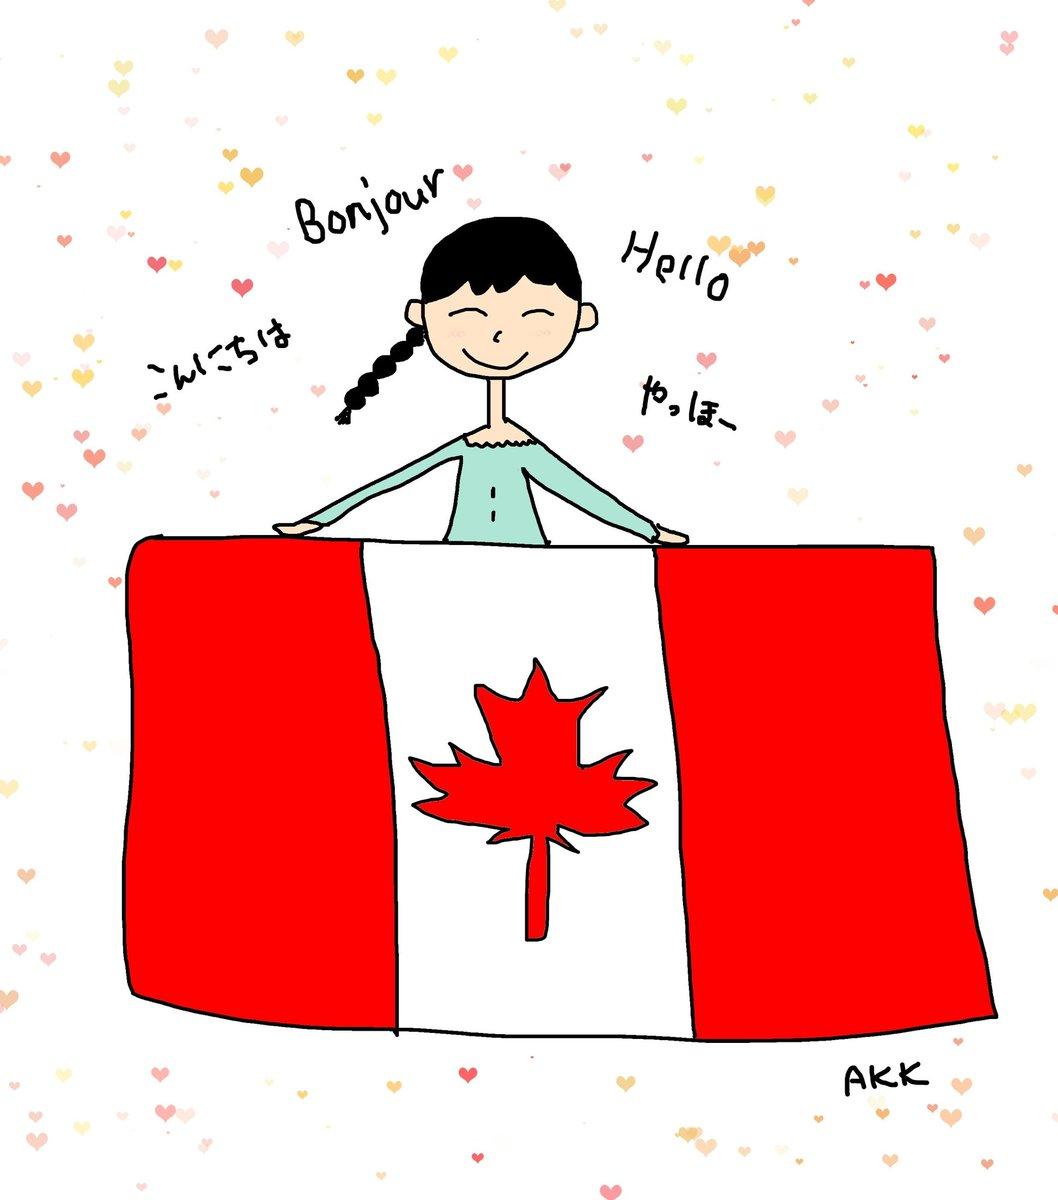 今日のペンタブ練習②✎  カナダ国旗🍁  #ペンタブ #イラスト #初心者 #練習  #illustrations #krita #カナダ https://t.co/gErWr5LIgN